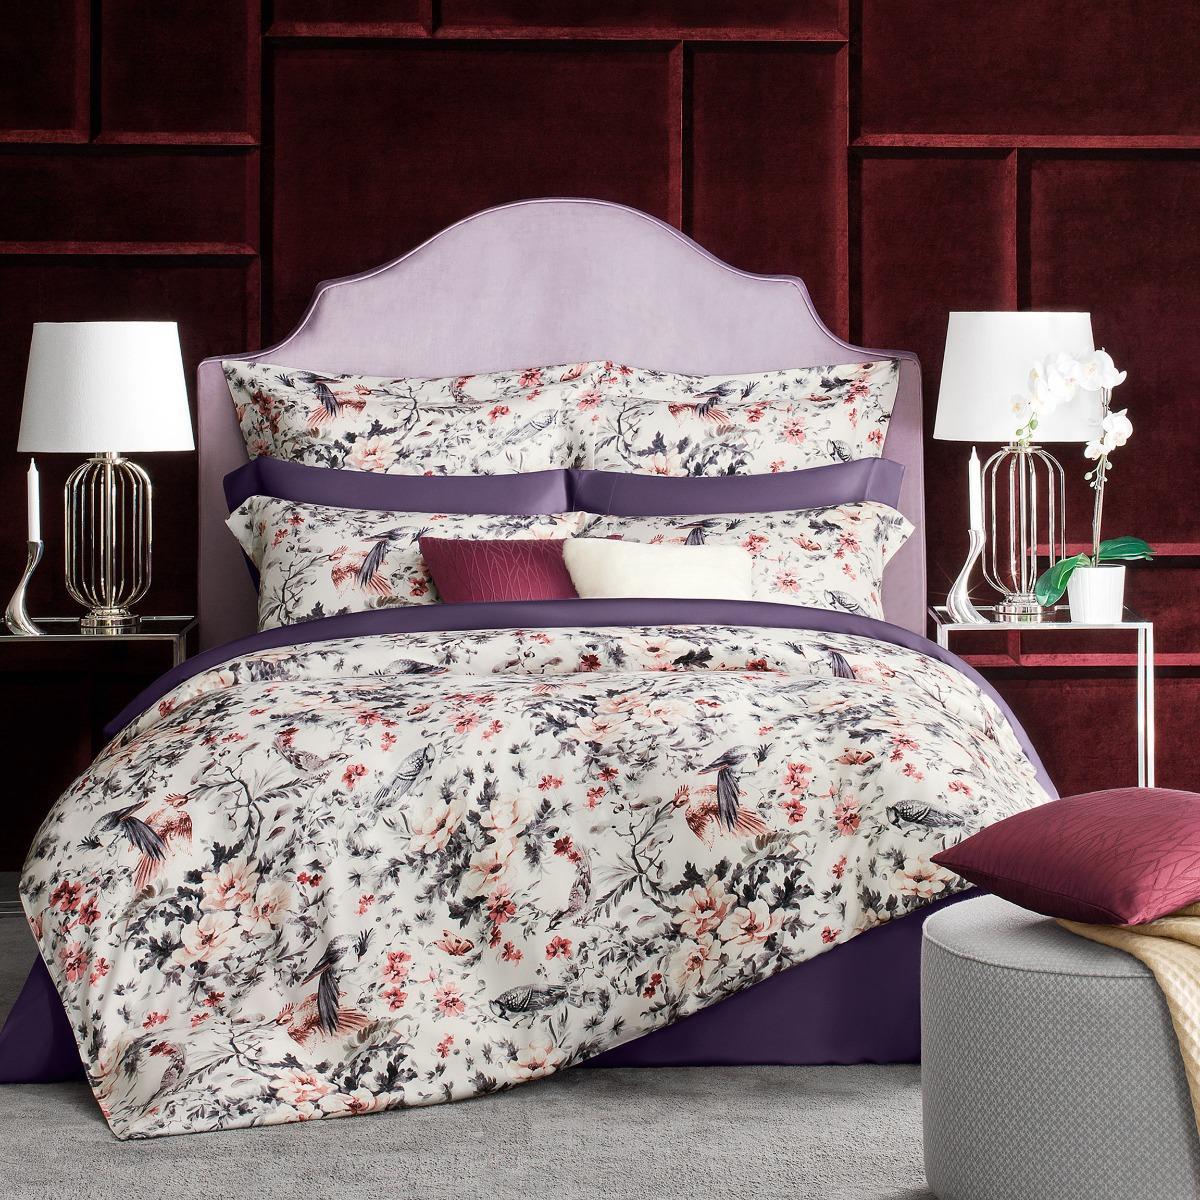 Комплект постельного белья Togas Жаклин разноцветный Евро